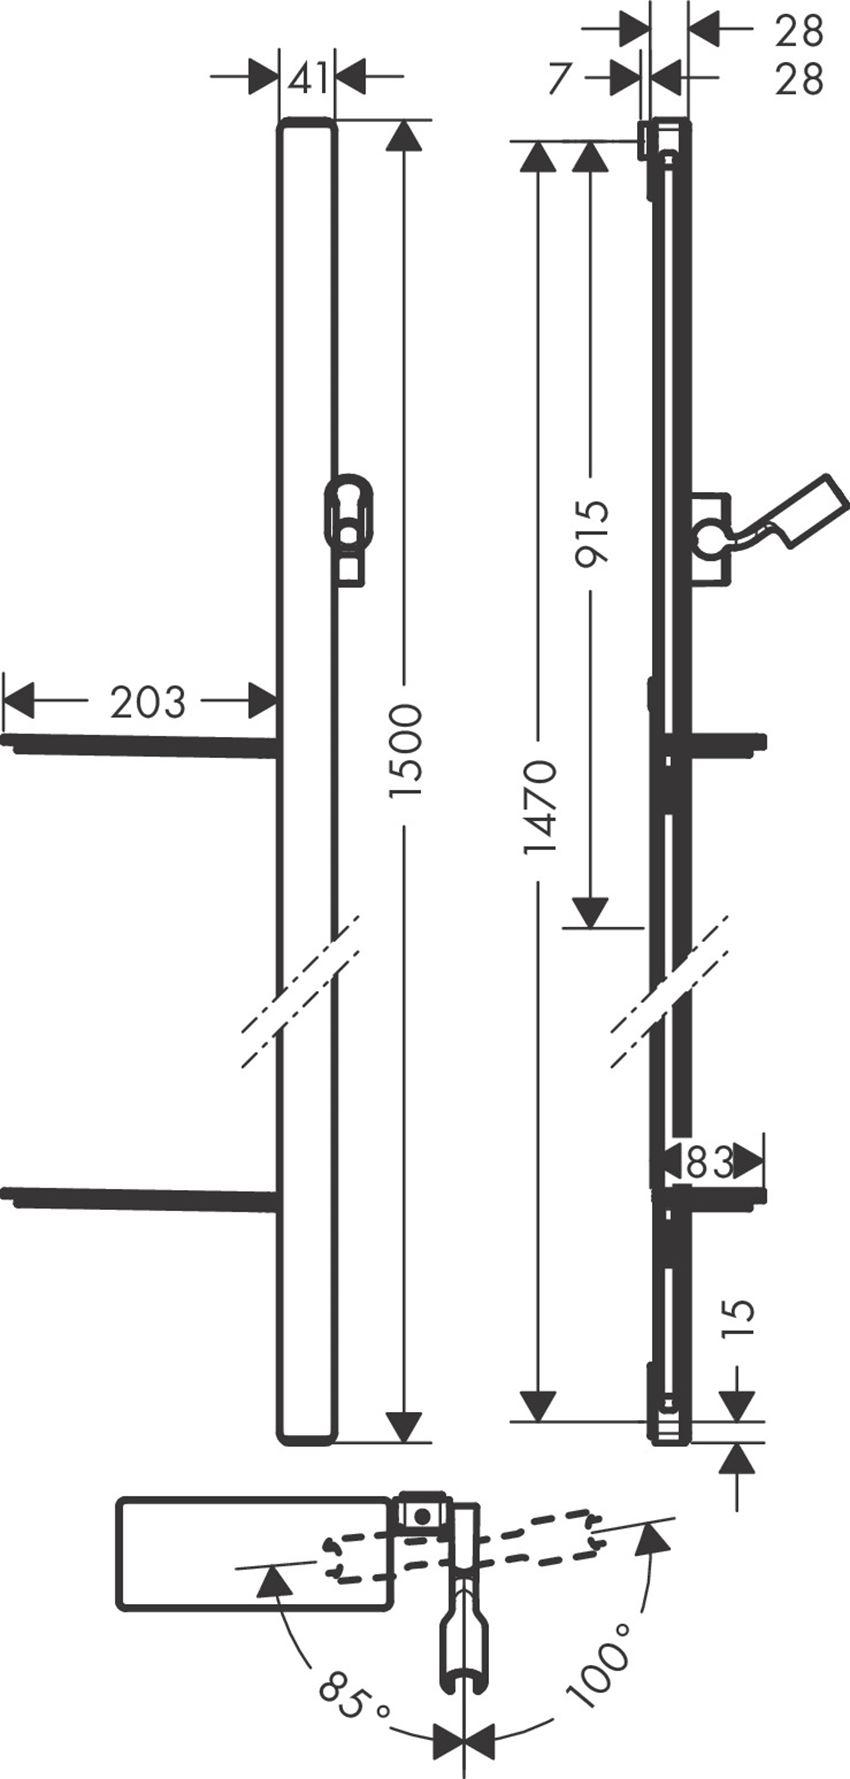 Drążek prysznicowy 150 cm z wężem Hansgrohe Unica rysunek techniczny